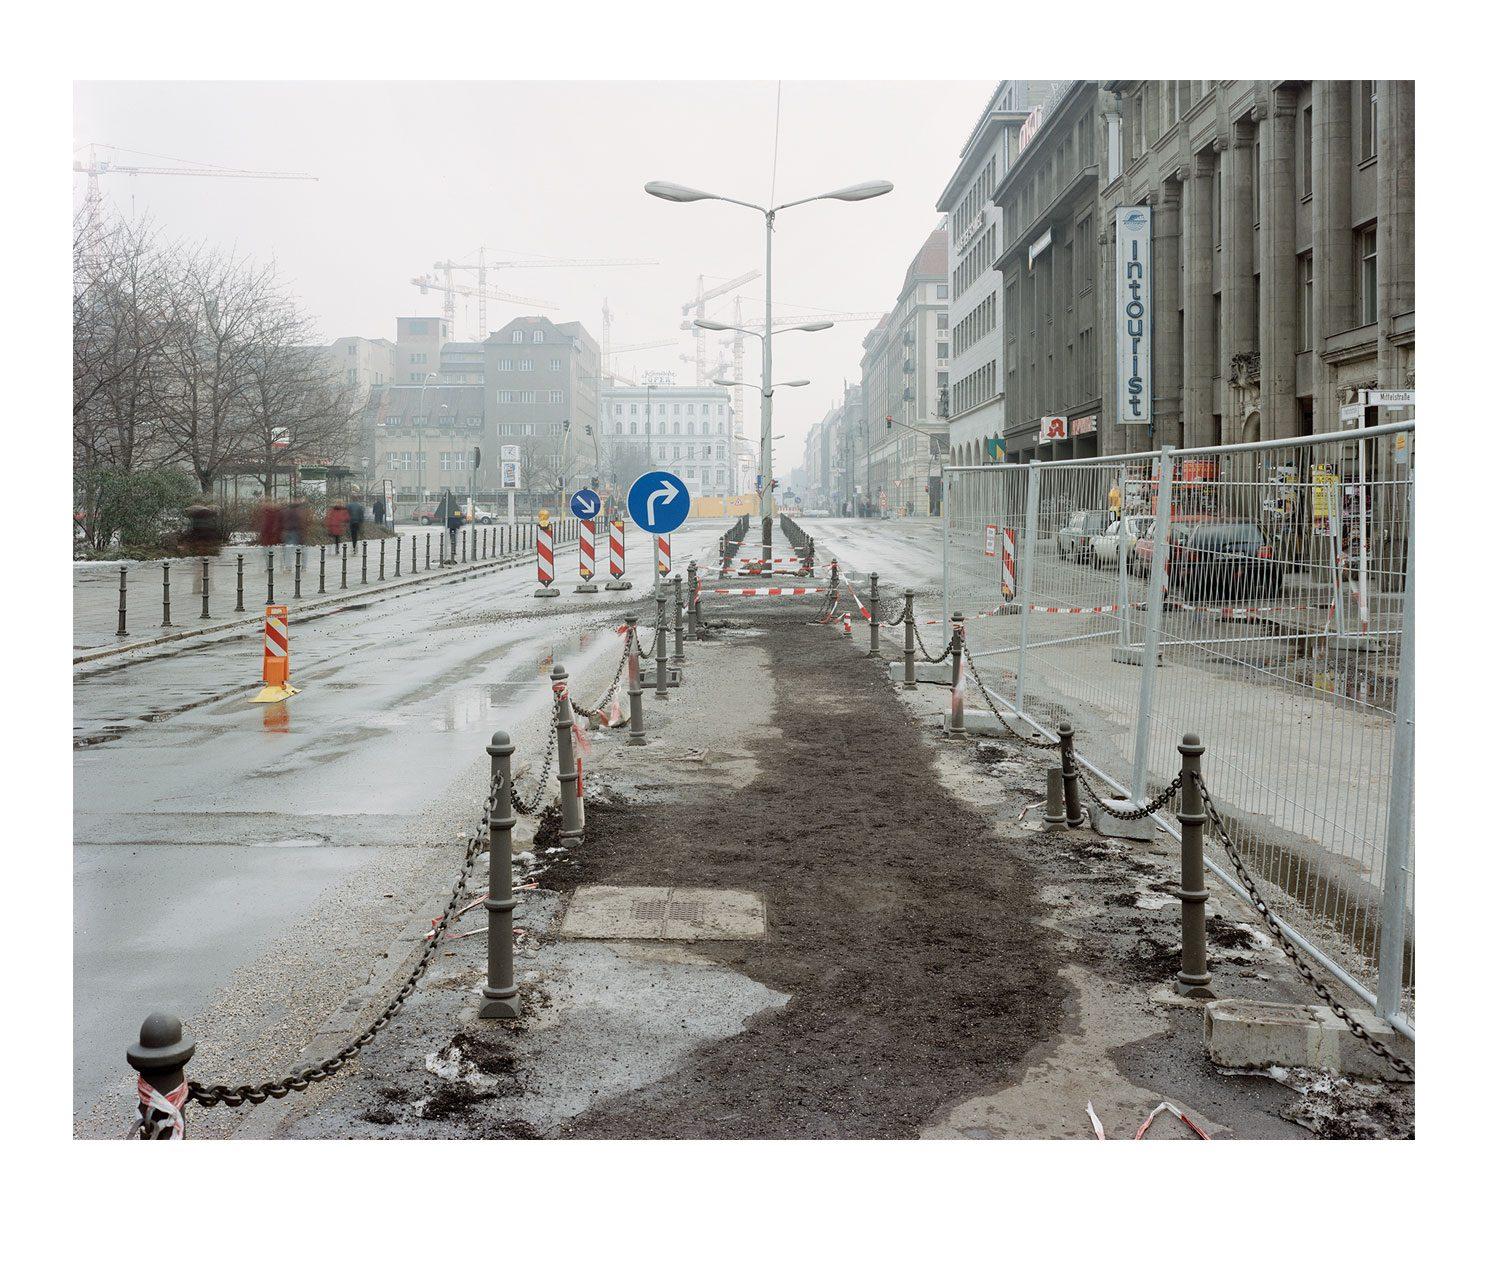 Stadt #05, Friedrichstrasse, 1995